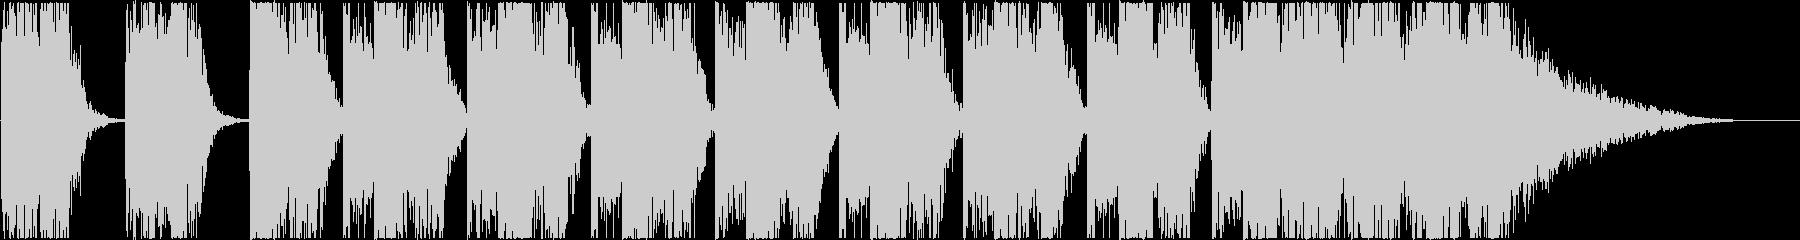 打楽器 BPM=120の未再生の波形